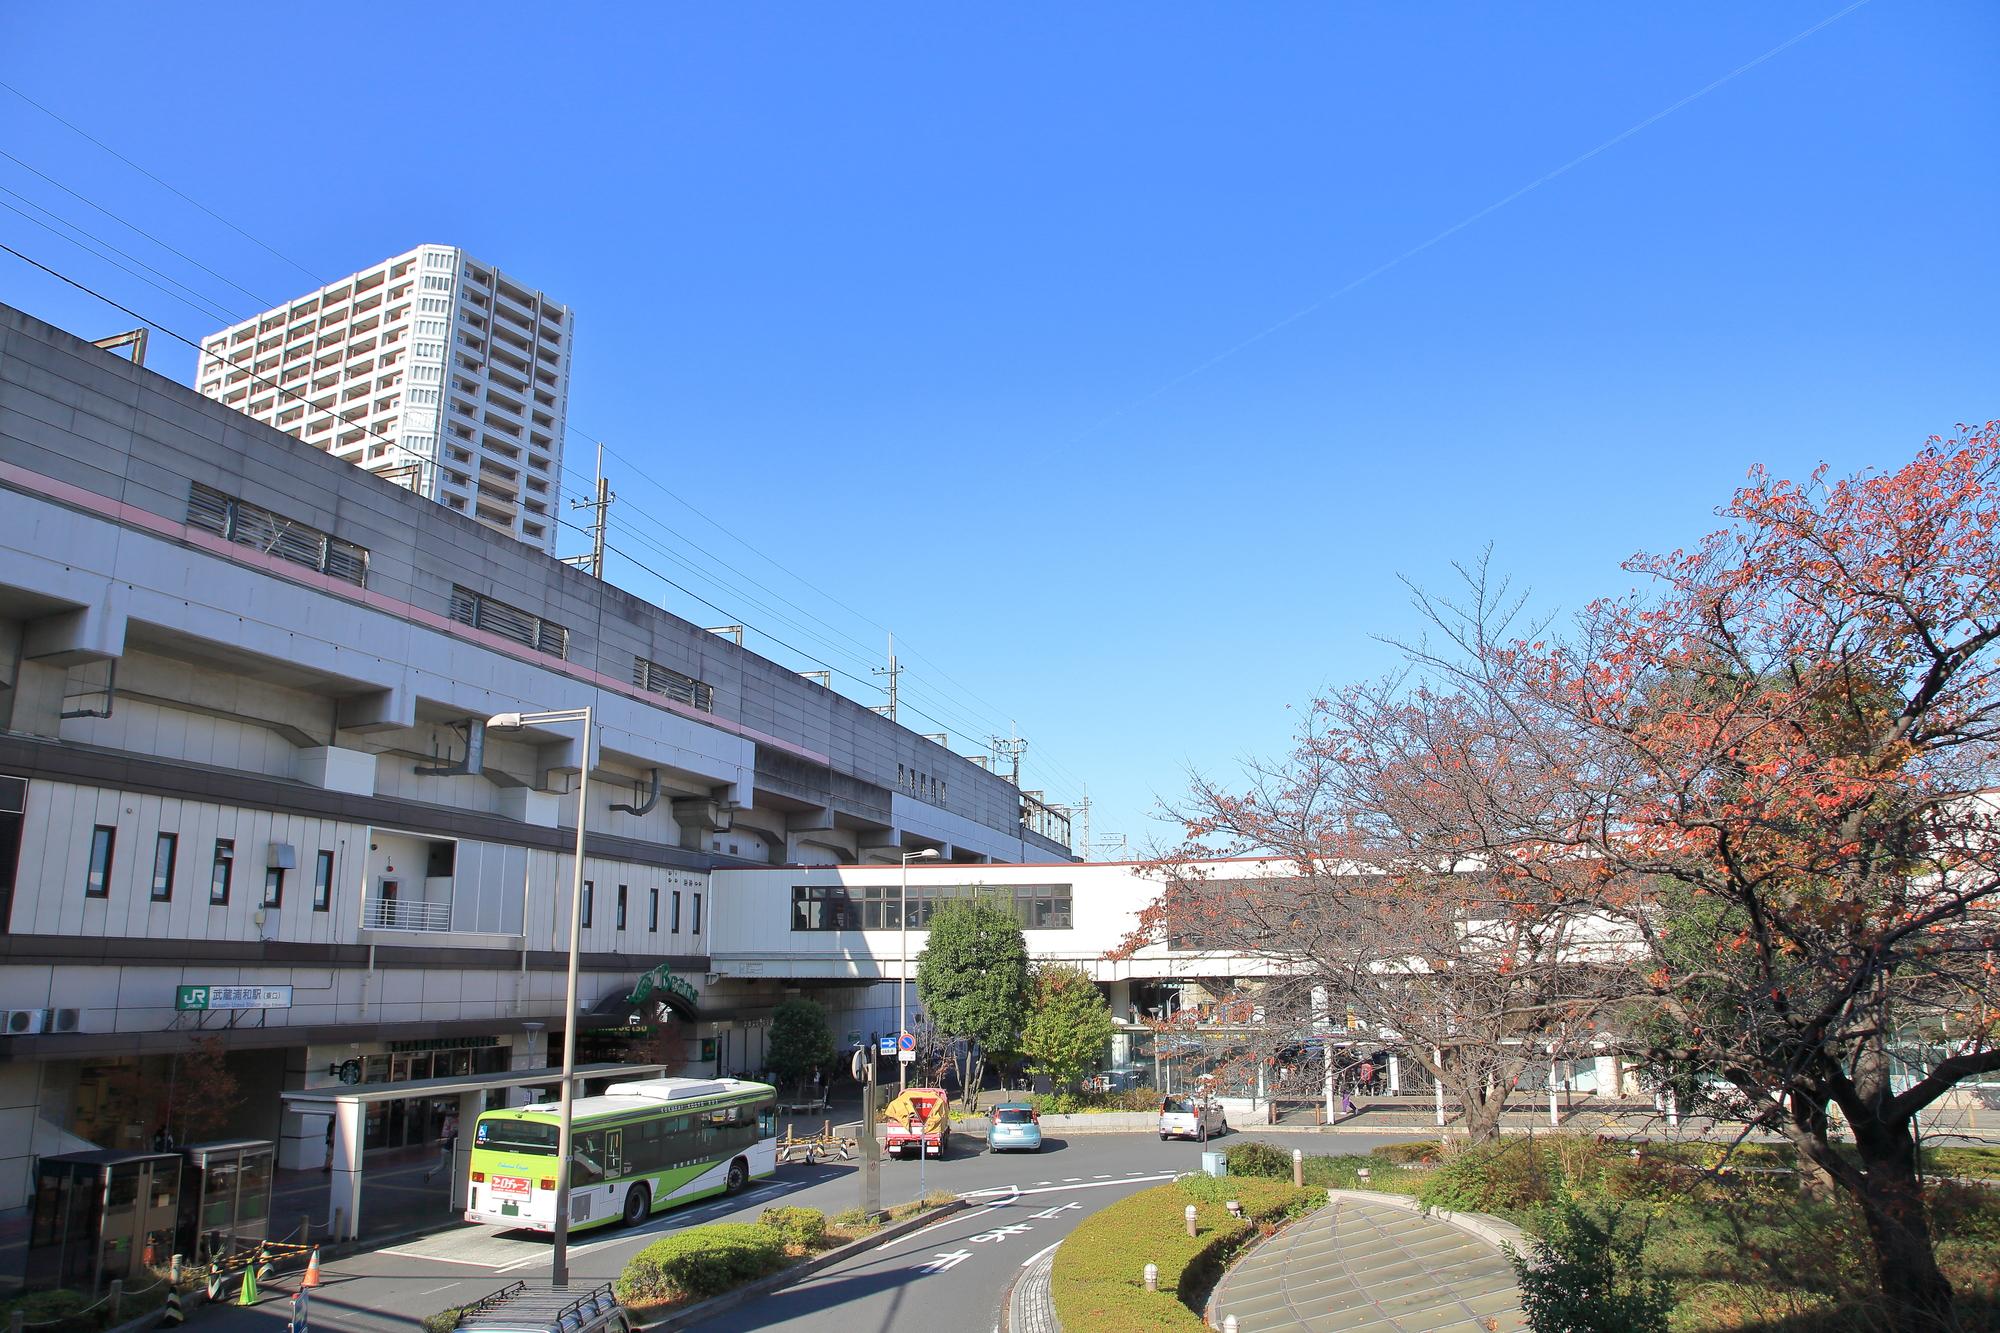 日曜に通院したい方へ!武蔵浦和駅の歯医者さん、おすすめポイント紹介